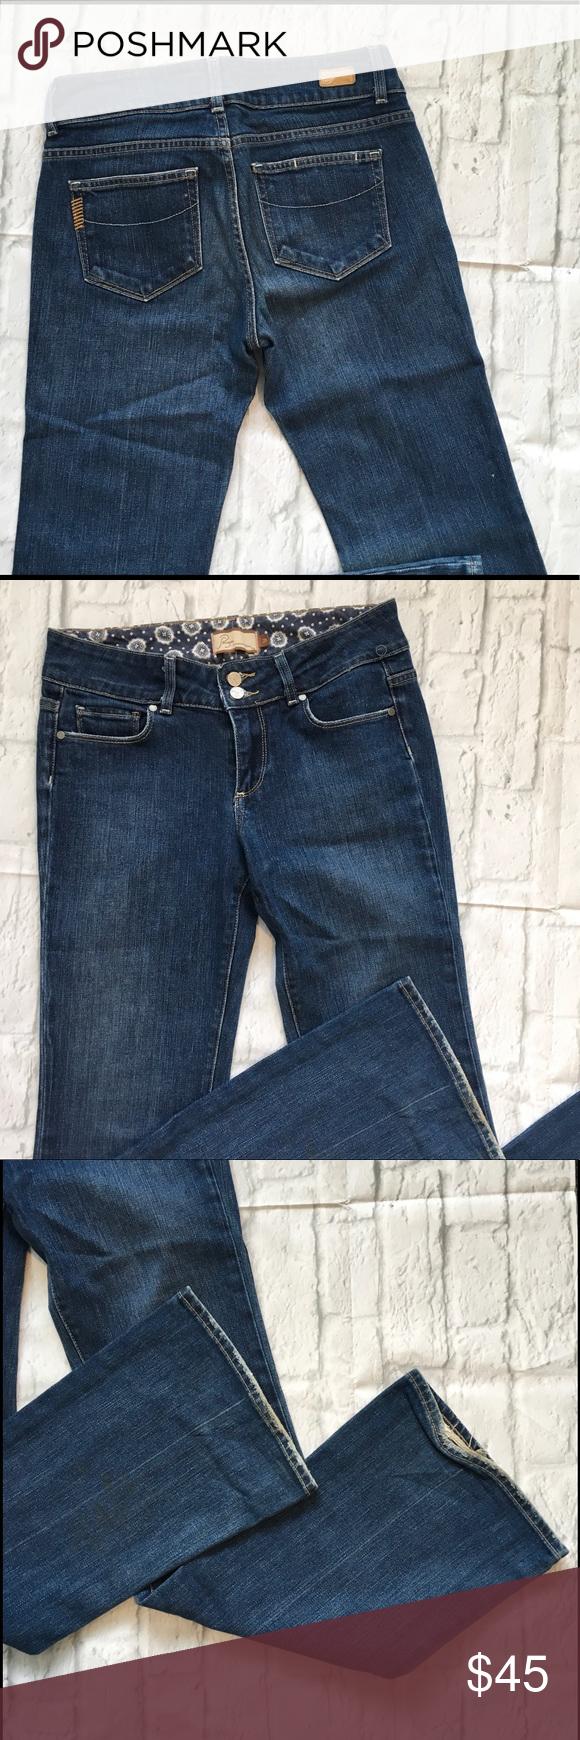 Paige Premium Denim Hidden Hills Jeans Inseam 32 S Paige Jeans Jeans Flare & Wide Leg